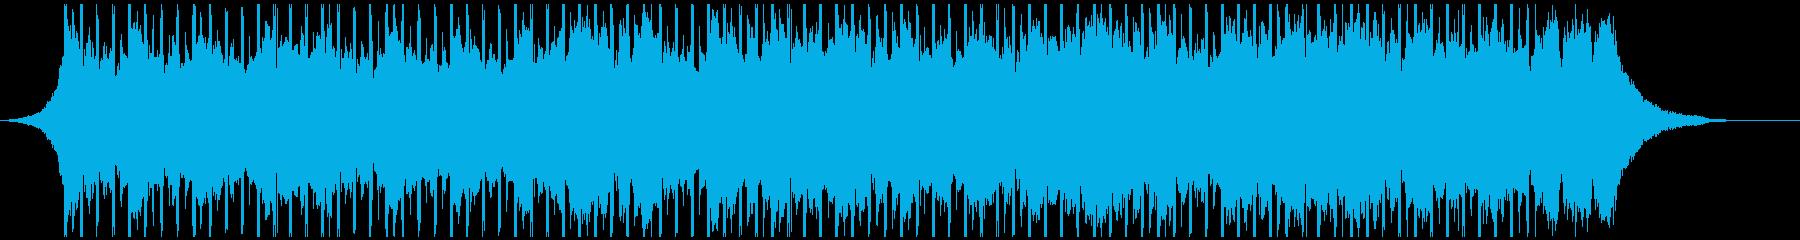 企業の動機付け(60秒)の再生済みの波形